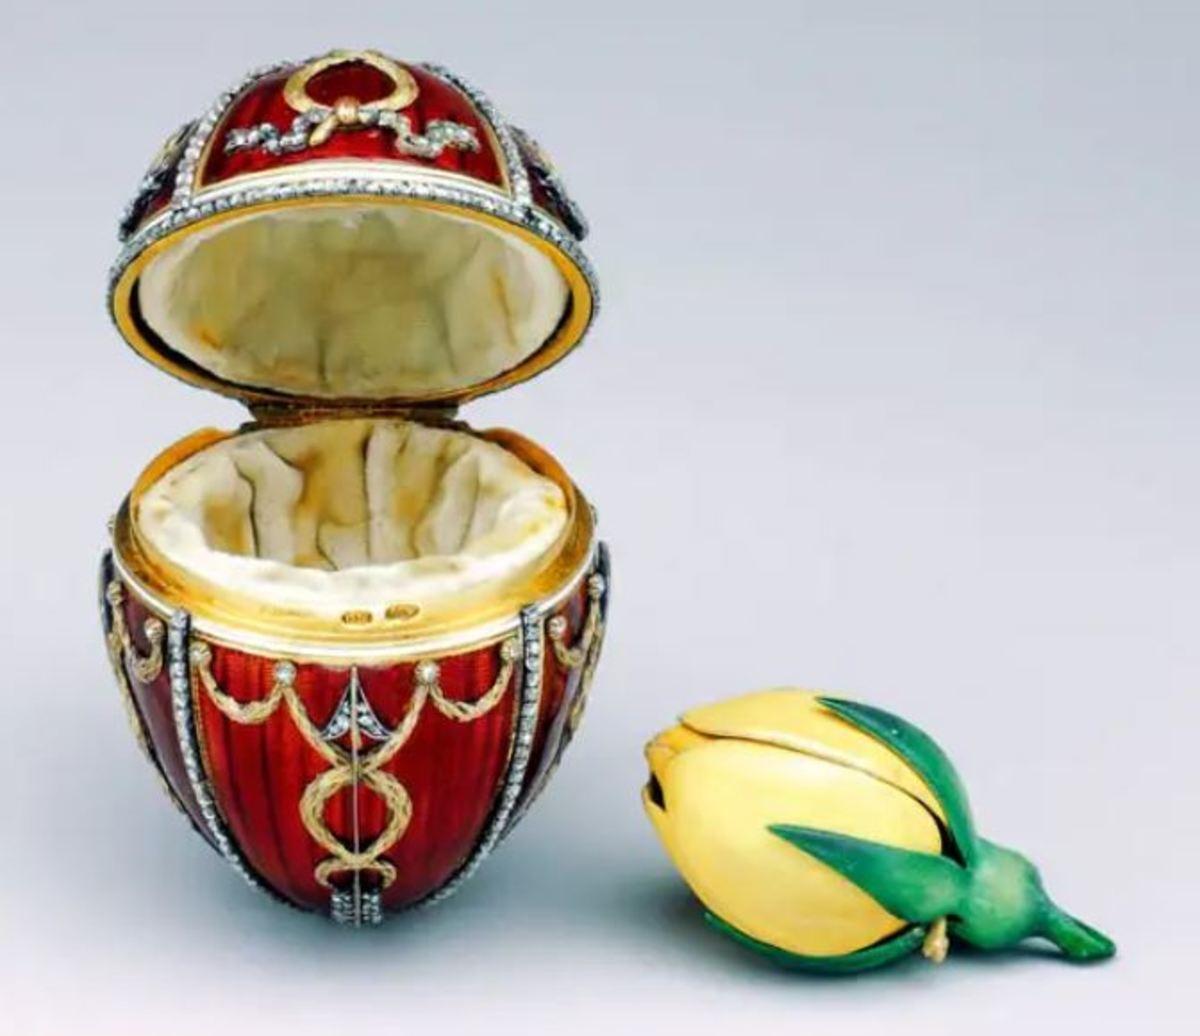 Rosebud Egg, 1895.